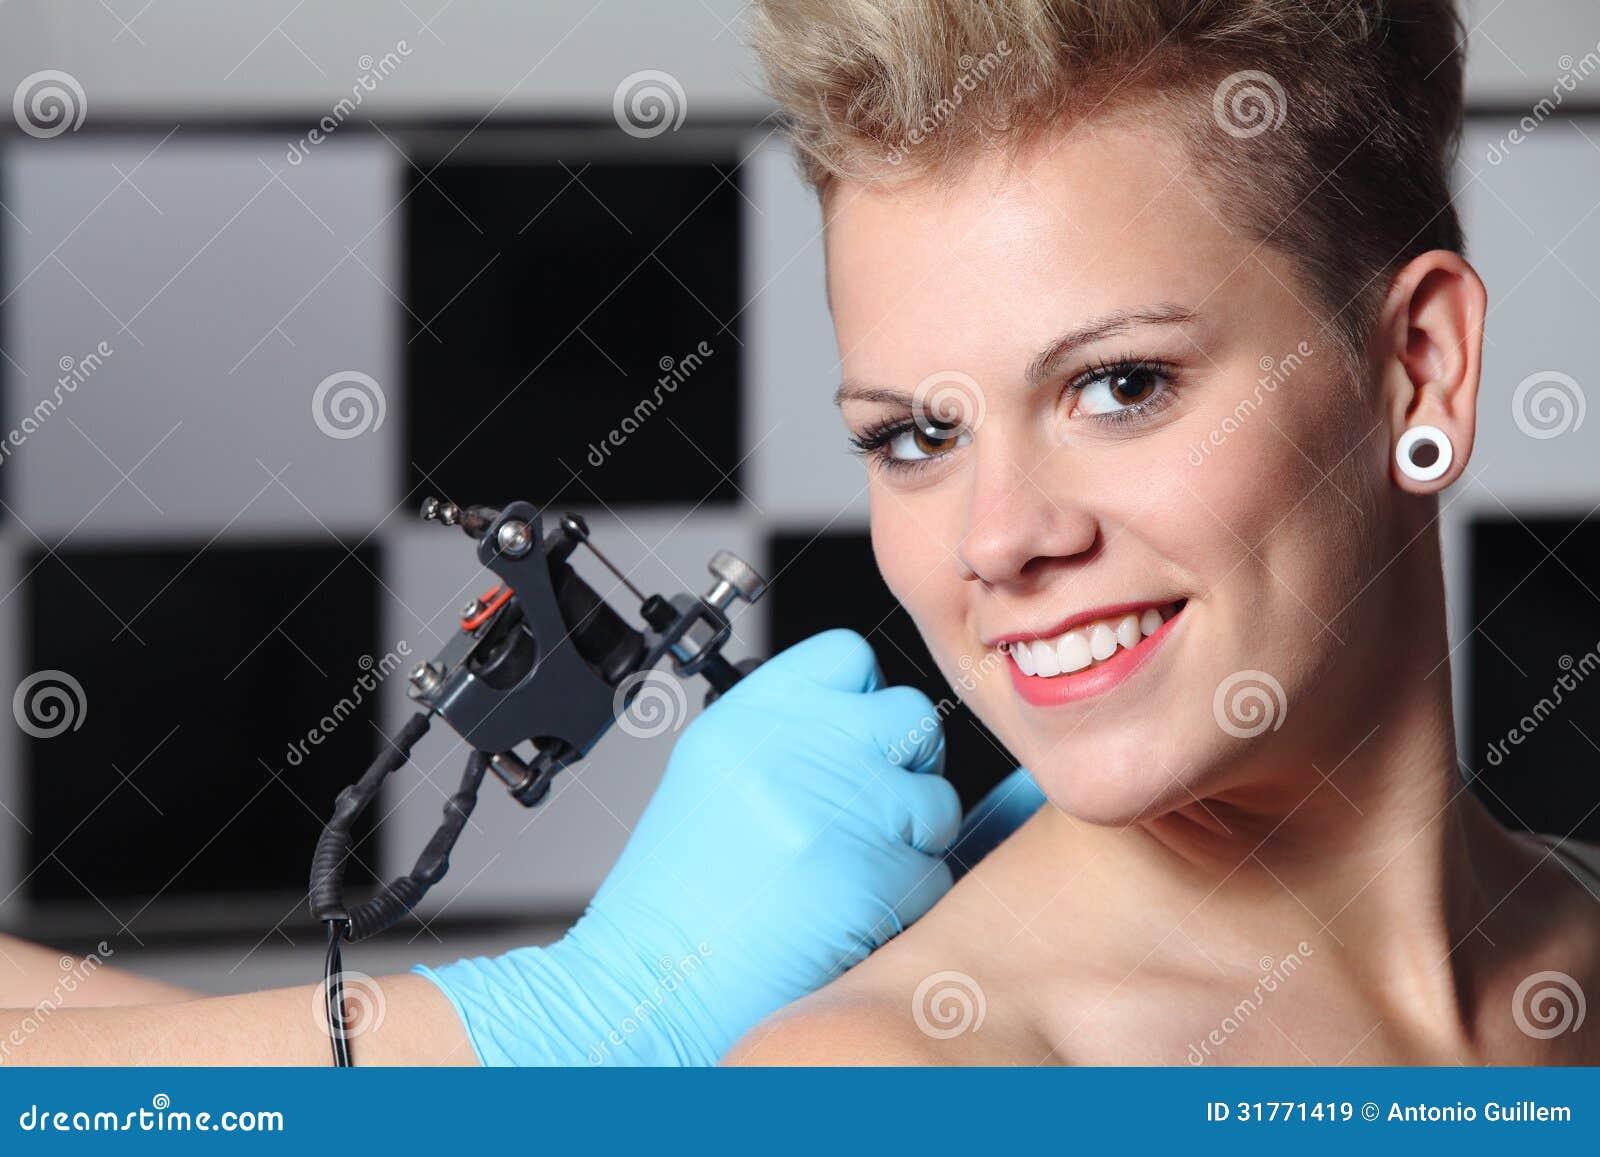 Vene varicose della ragione clinica